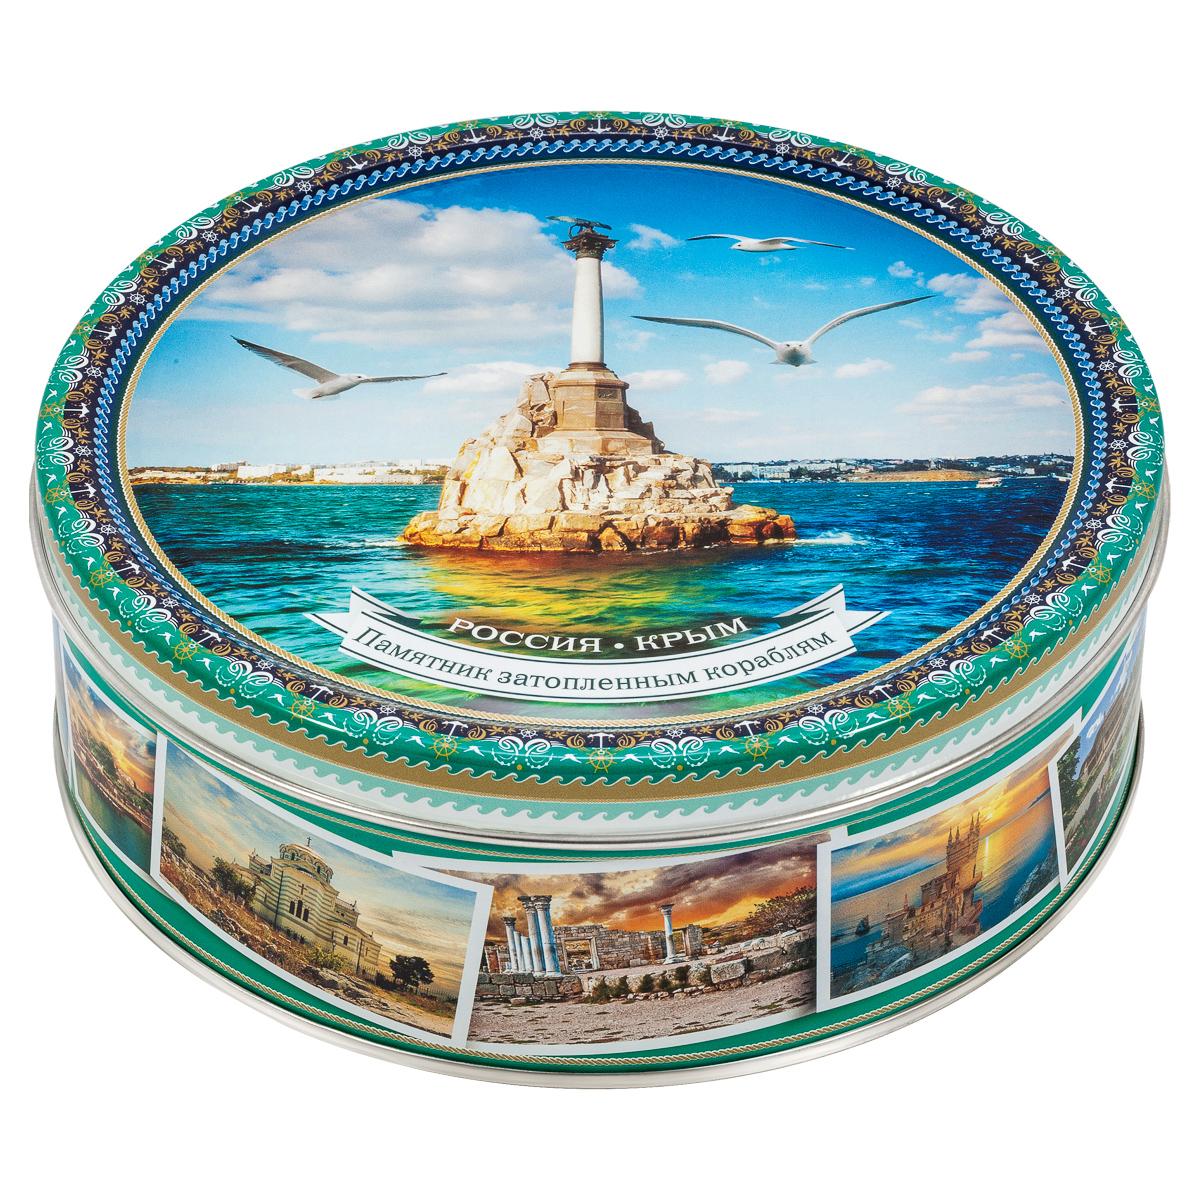 Monte Christo Крым Памятник затопленным кораблям печенье сдобное, 400 г сладкая сказка печенье дед мороз и снегурочка 400 г